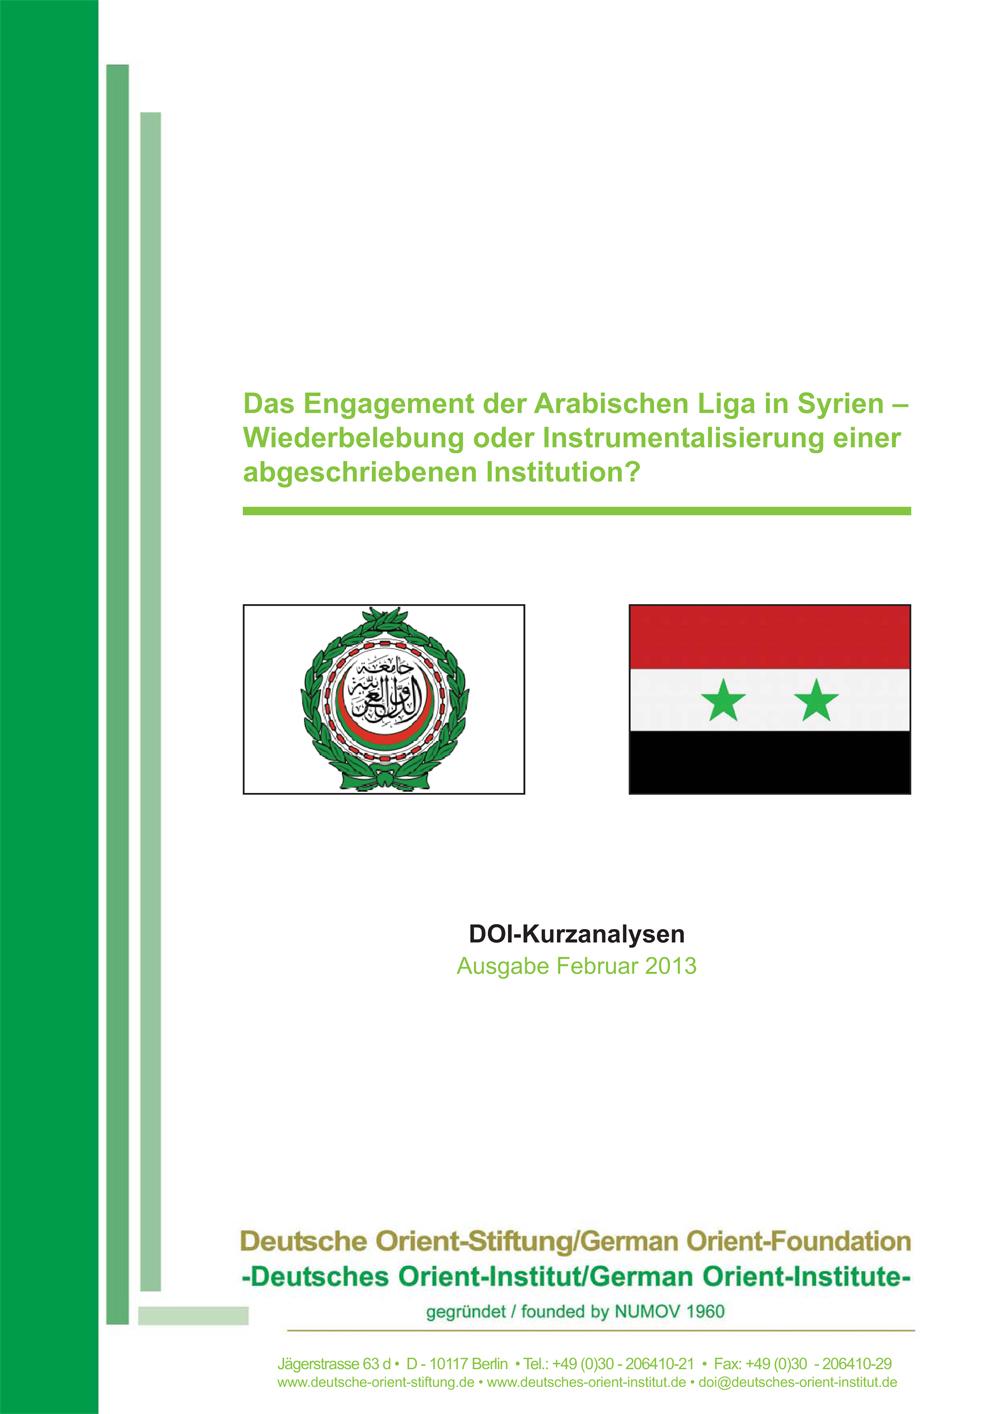 """Featured image for """"Das Engagement der Arabischen Liga in Syrien: Wiederbelebung oder Instrumentalisierung einer abgeschriebenen Institution?"""""""